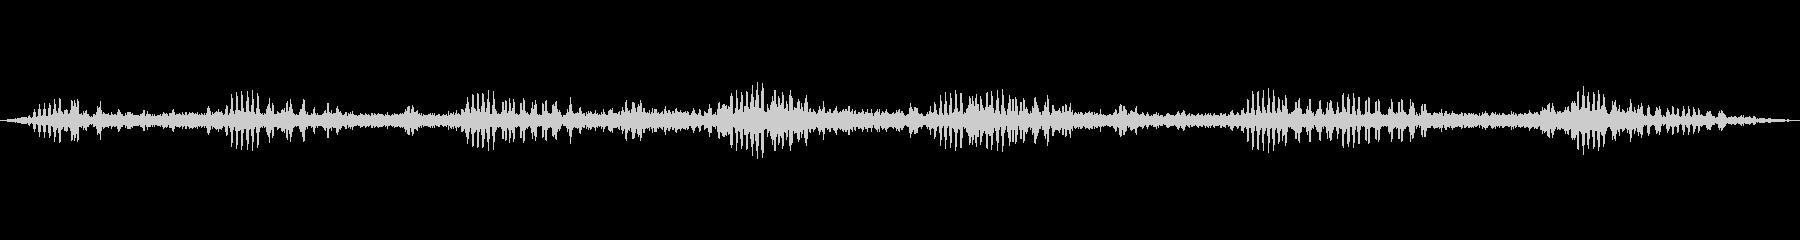 秋の虫の音中心の環境音の未再生の波形